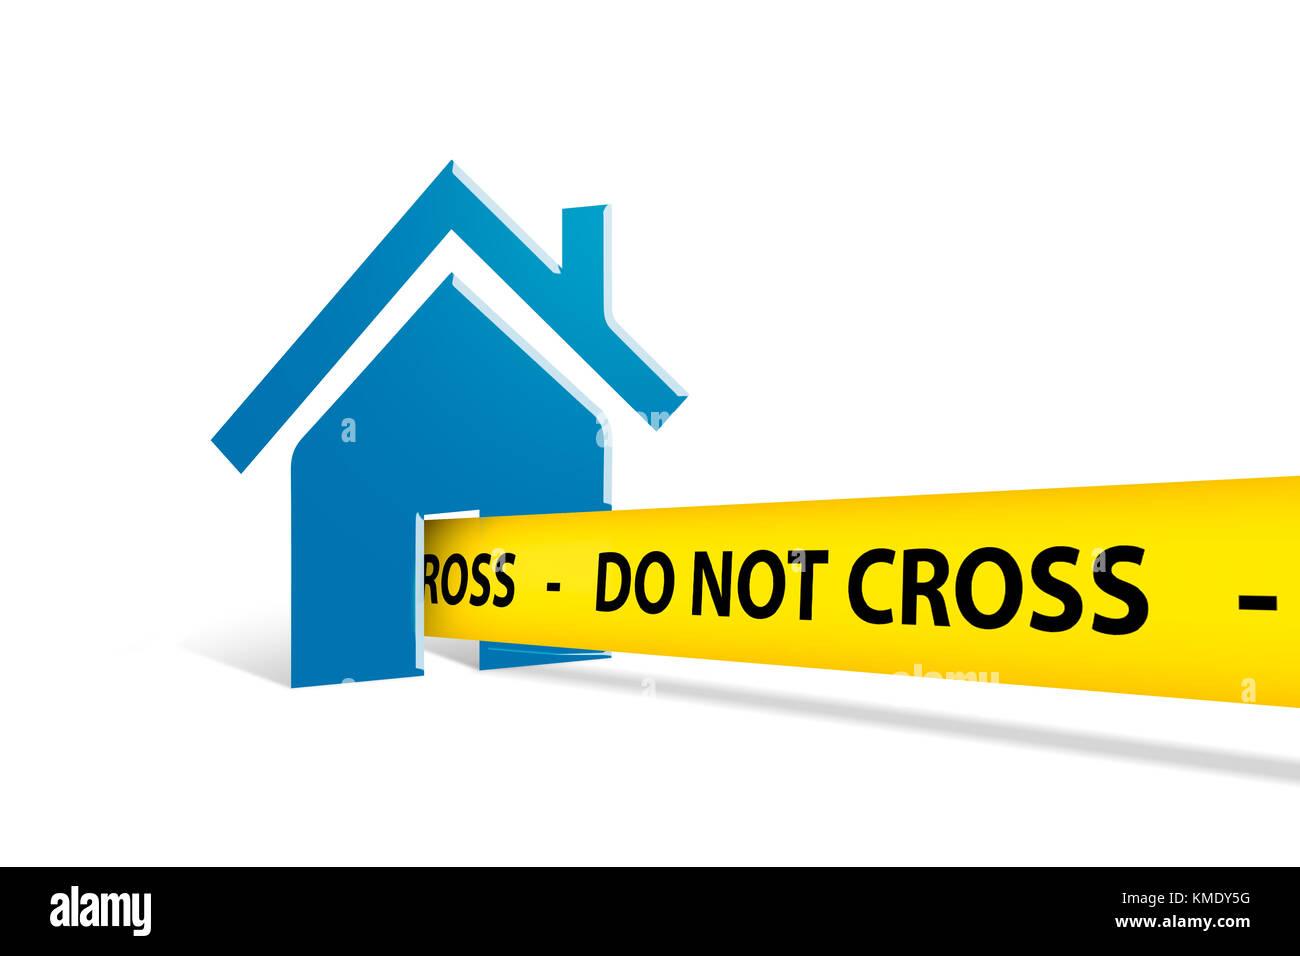 Chambre bleue avec l'icône d'illustration ne franchissent pas jaune bande police sortir de la maison, isolé sur fond blanc. Banque D'Images